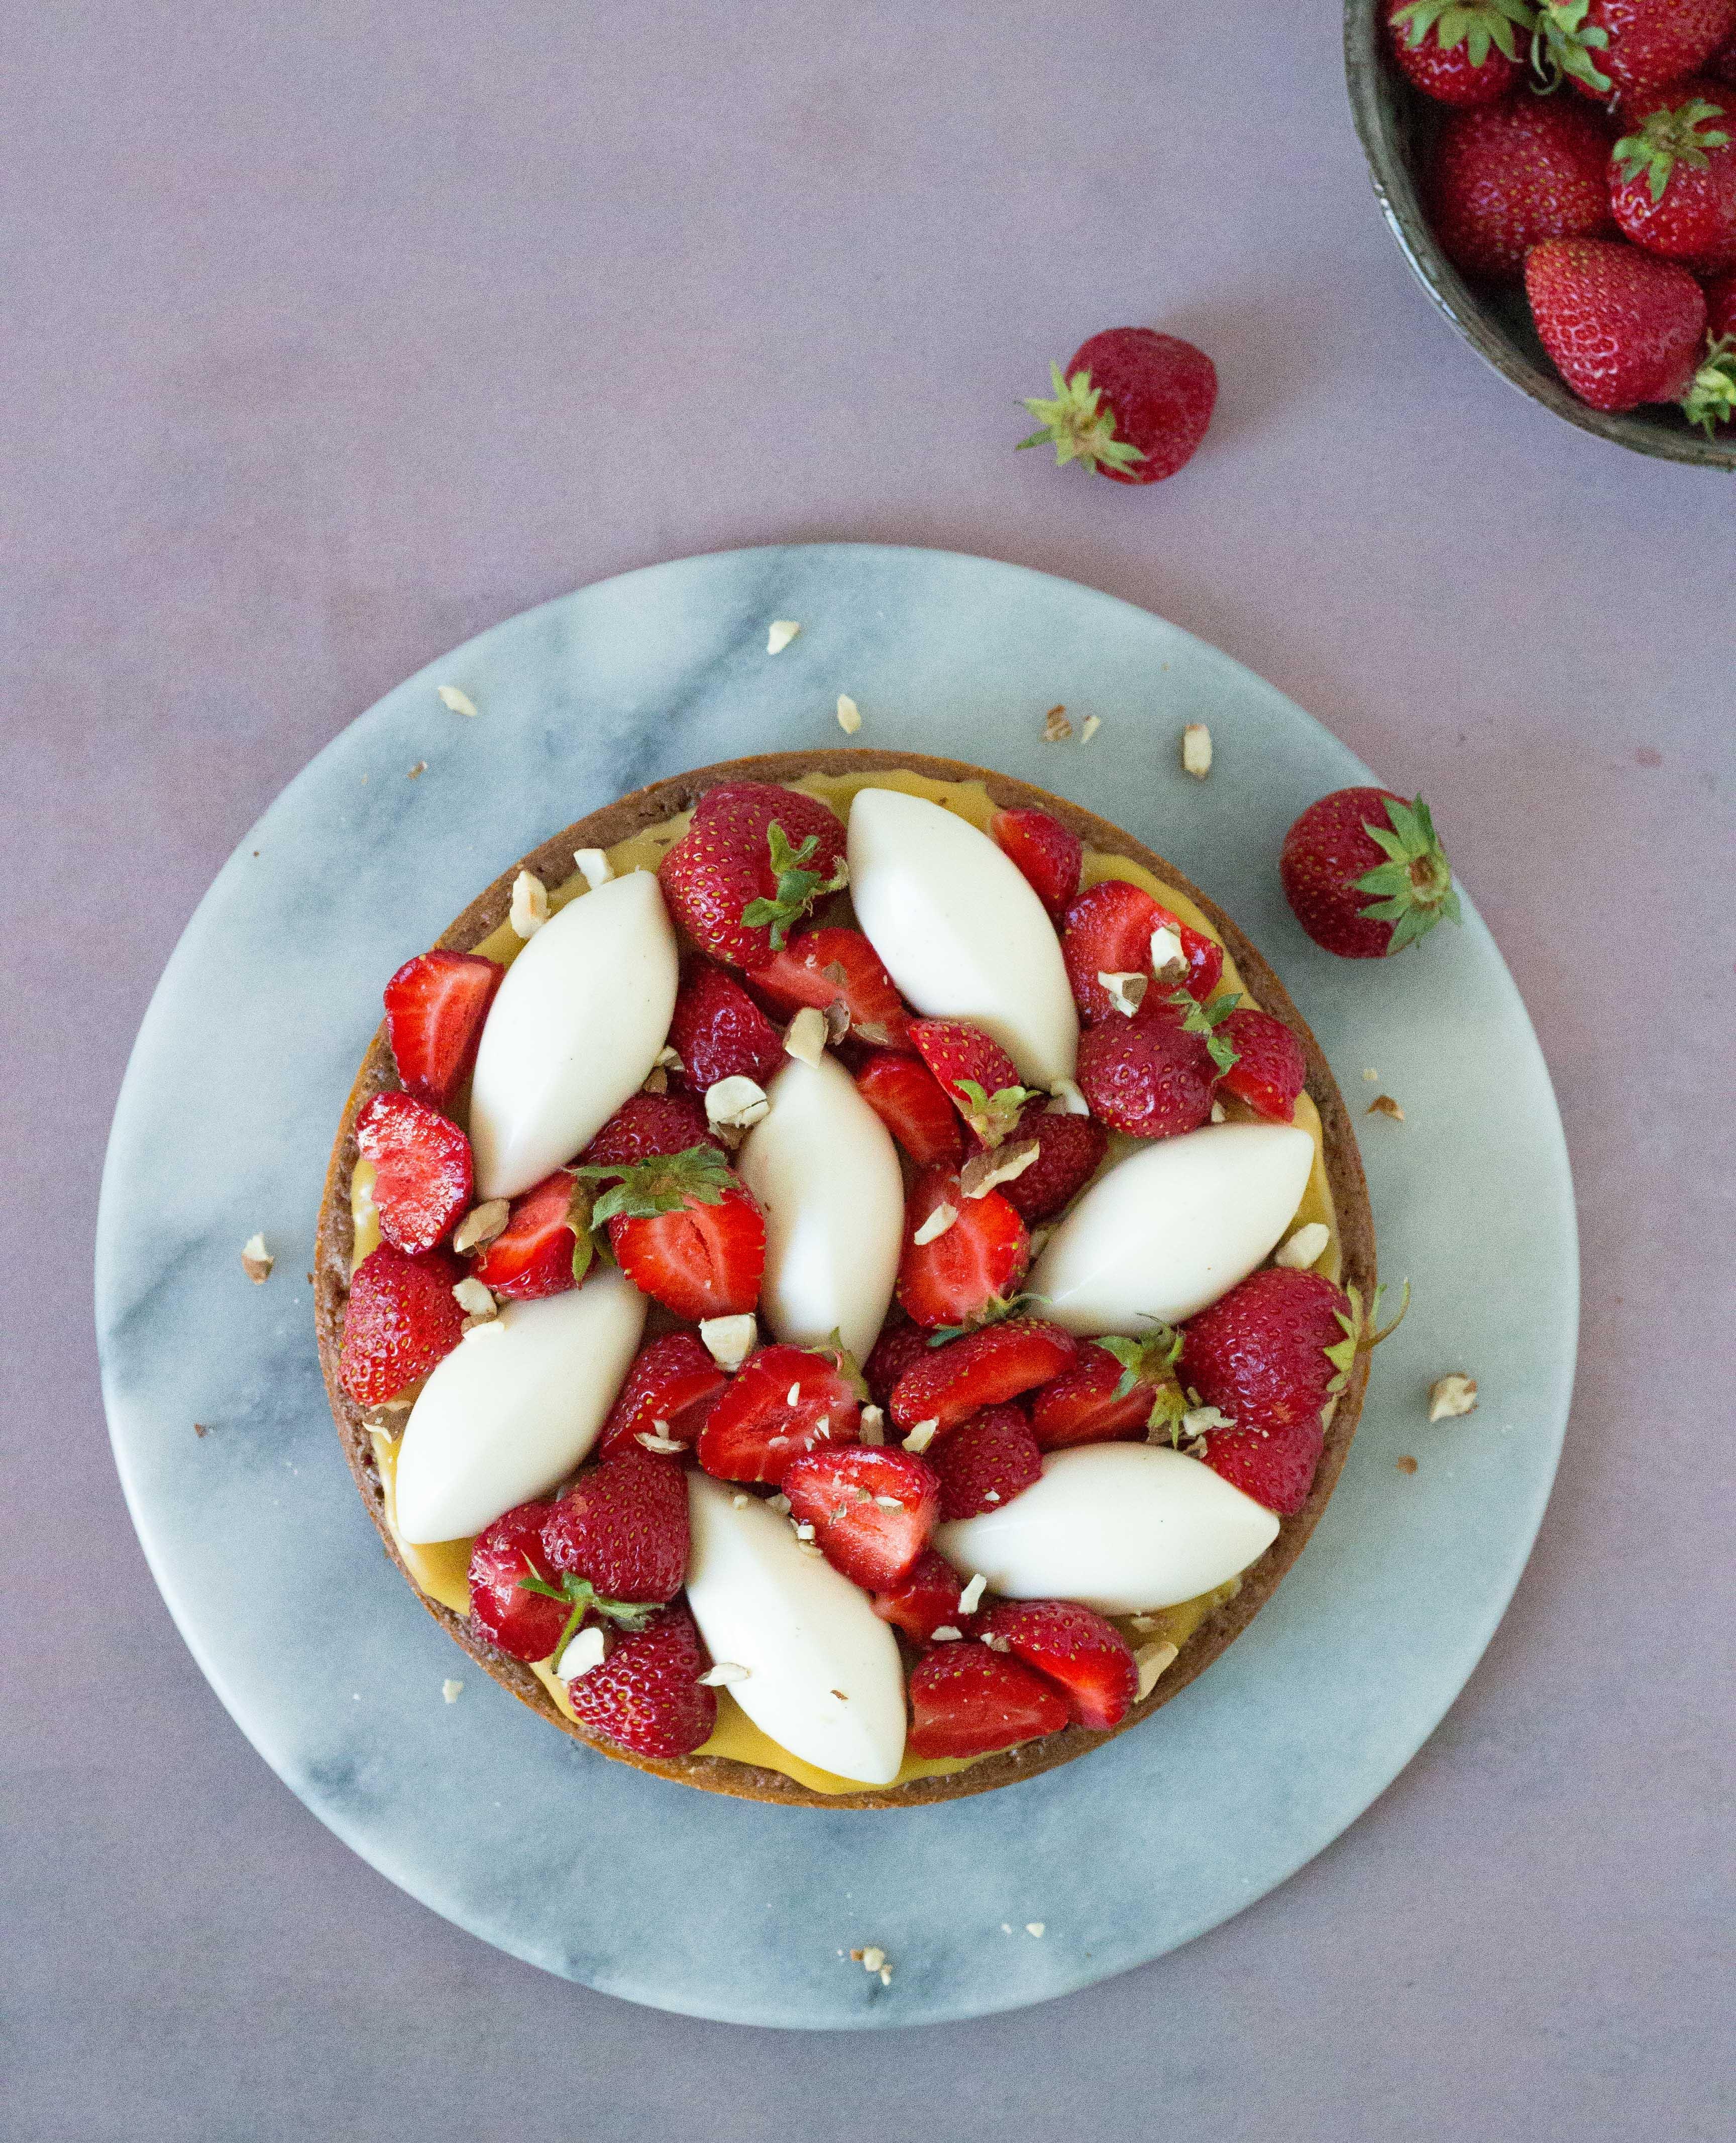 karamelkage med jordbær